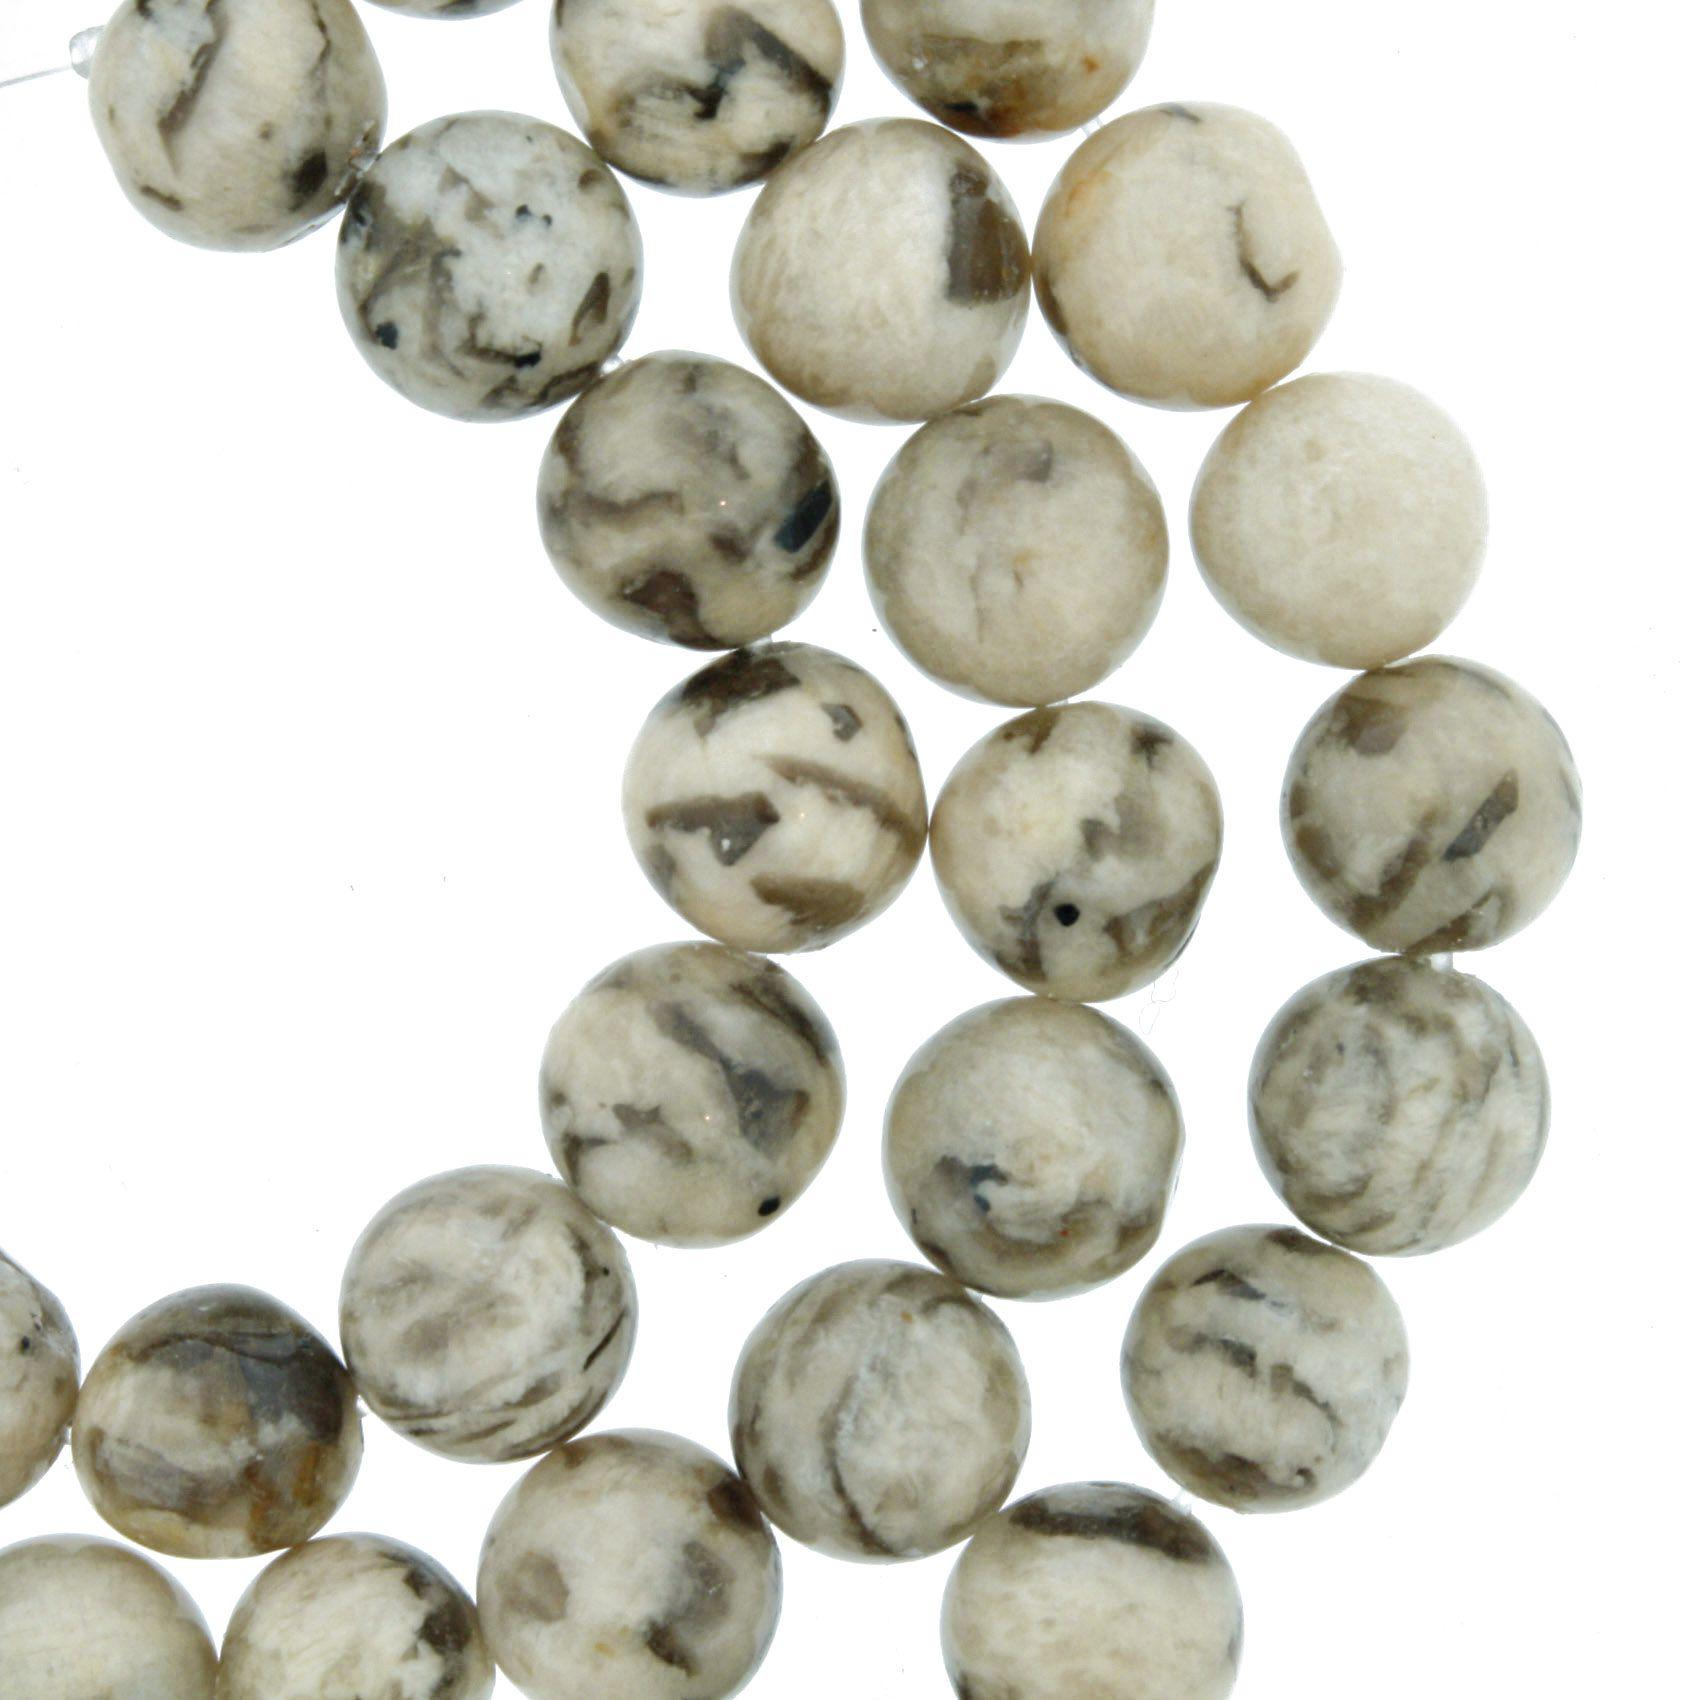 Fio de Pedra - Pietra® - Jaspe Vanilla - 8mm  - Universo Religioso® - Artigos de Umbanda e Candomblé